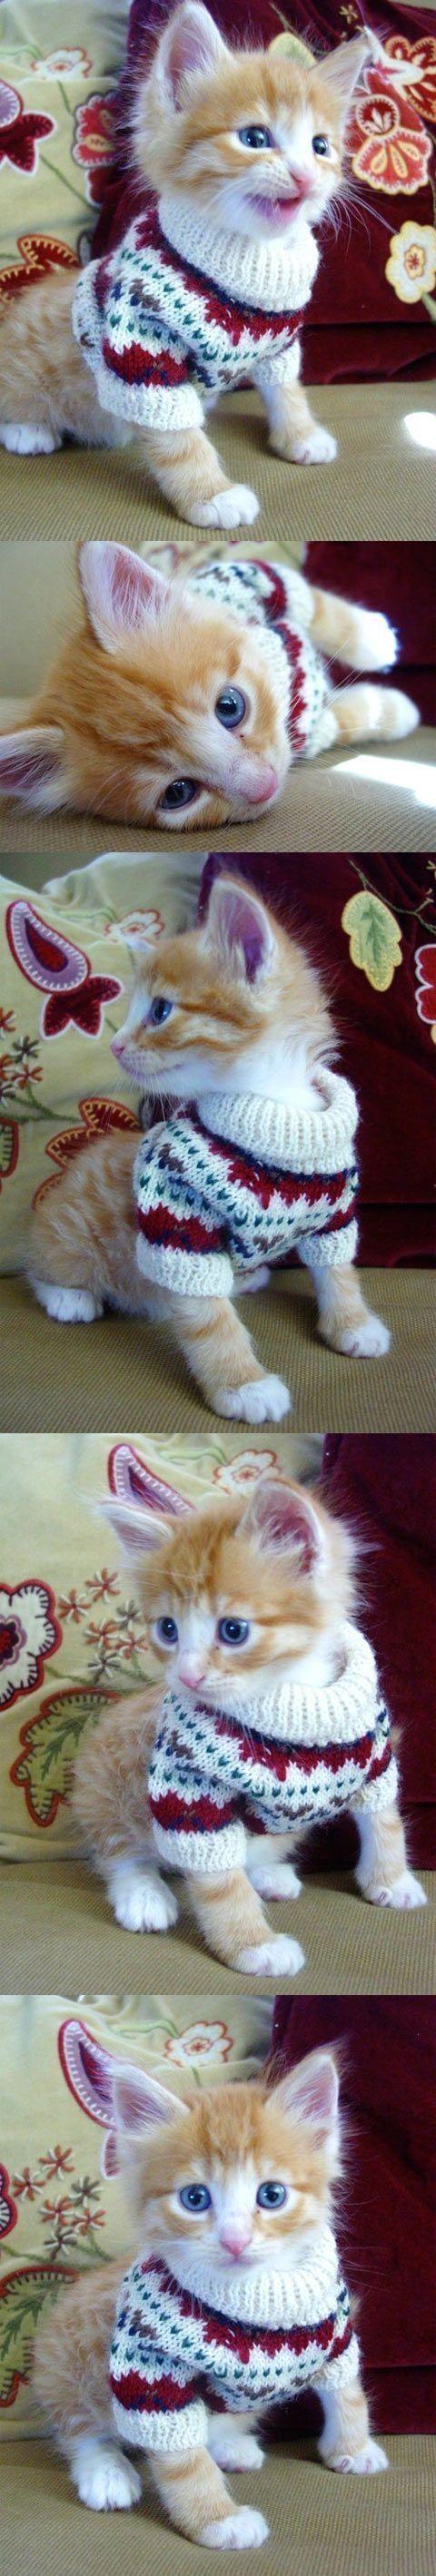 17 Terbaik Ide Tentang Kucing Di Pinterest Anak Kucing Anak